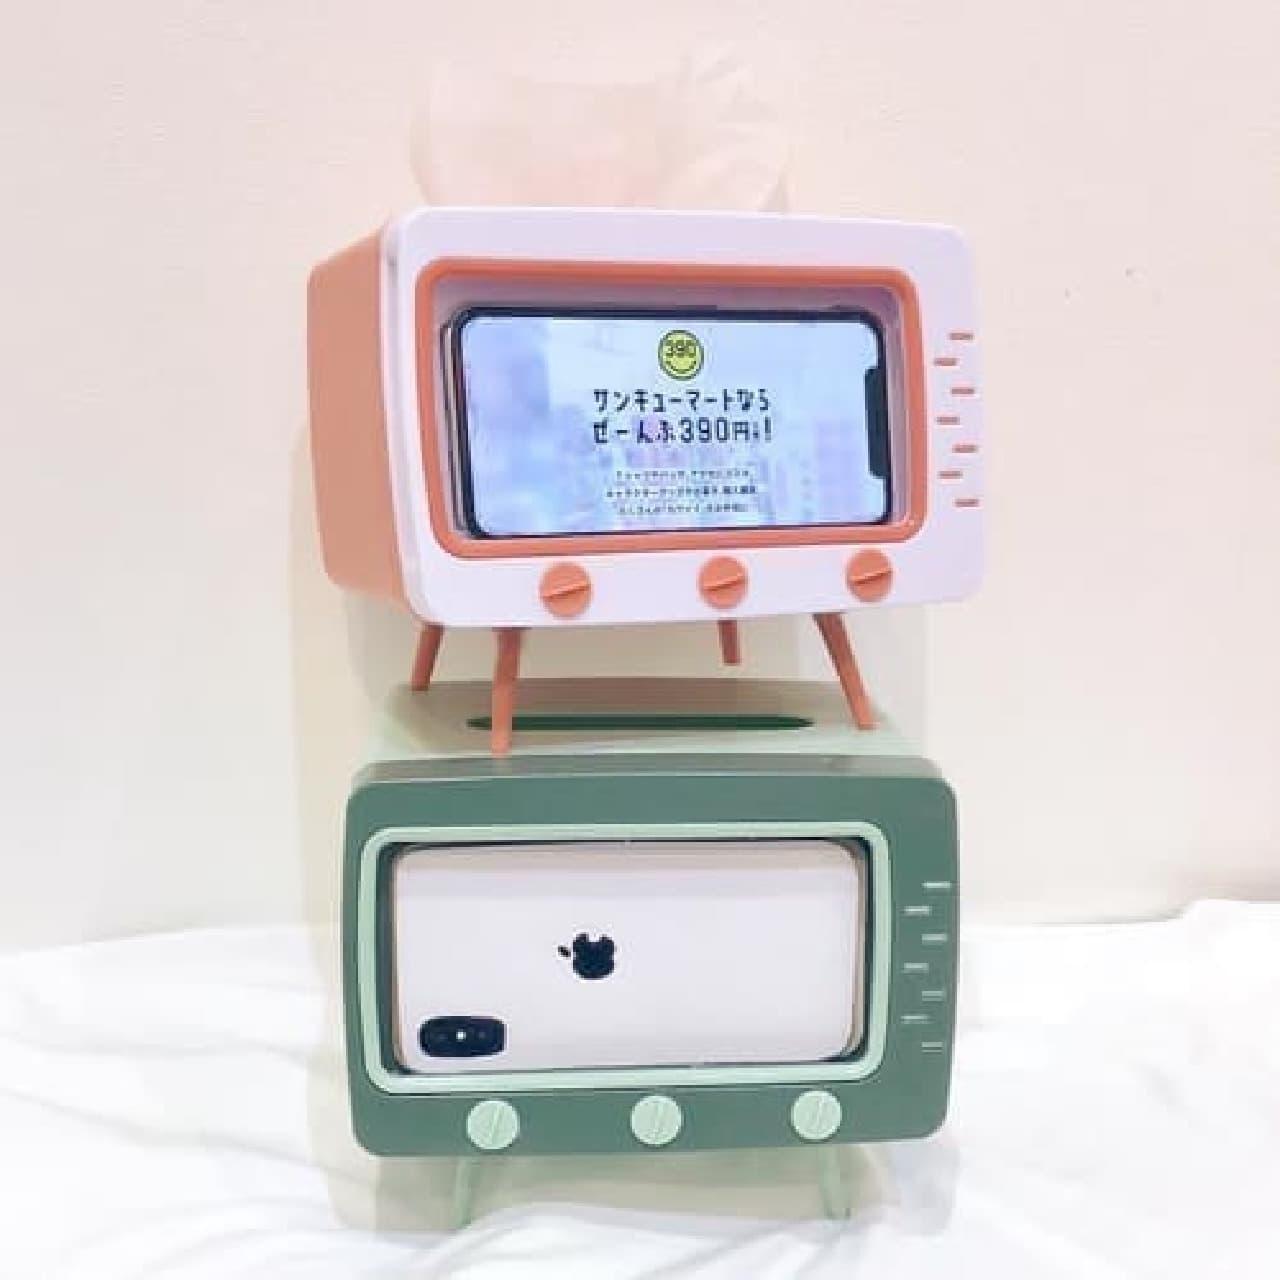 テレビ型ティッシュボックスがサンキューマートから